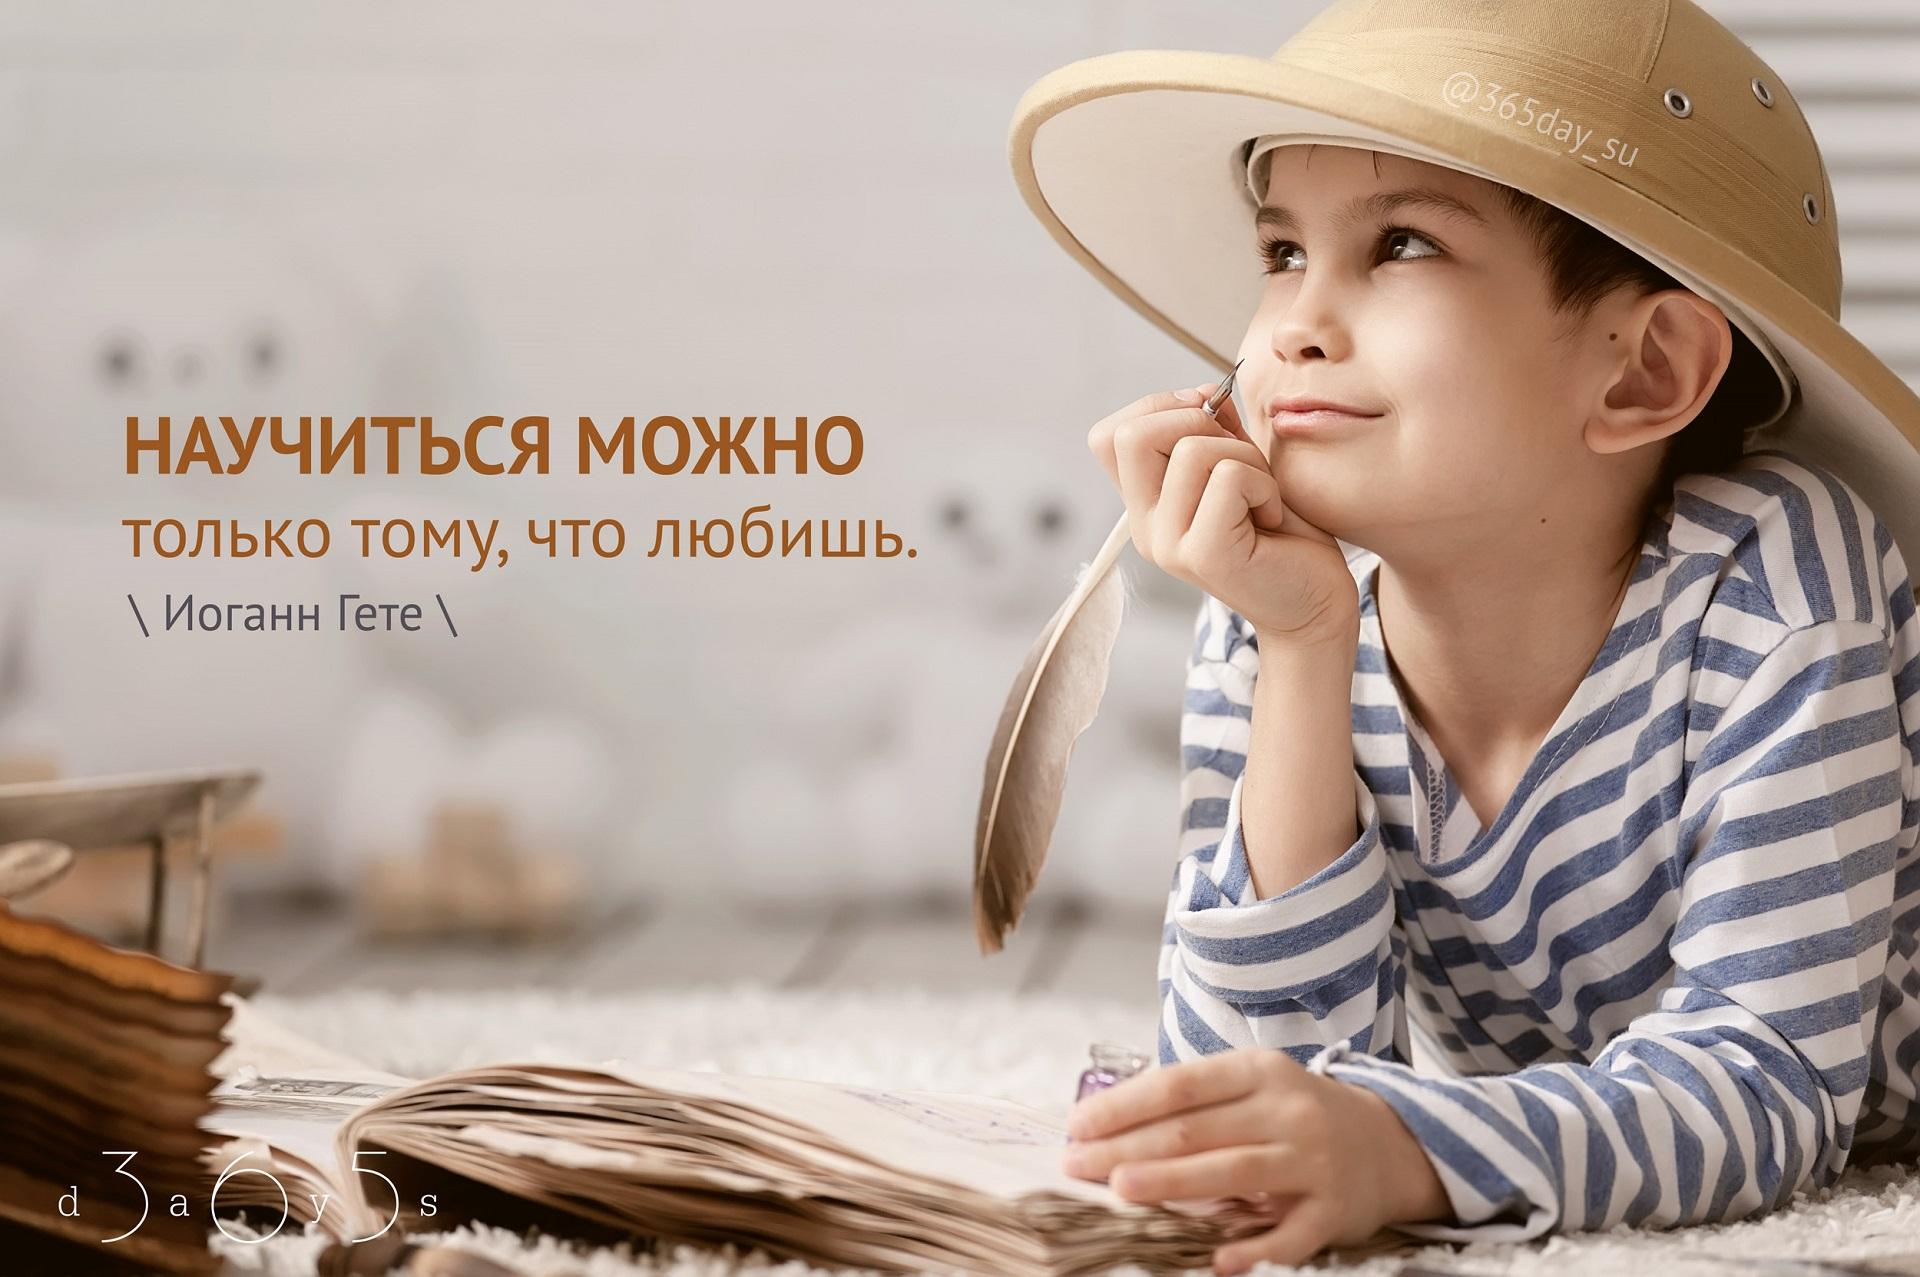 Научиться можно только тому, что любишь, Иоганн Гёте, Бочонок Мёда для Сердца